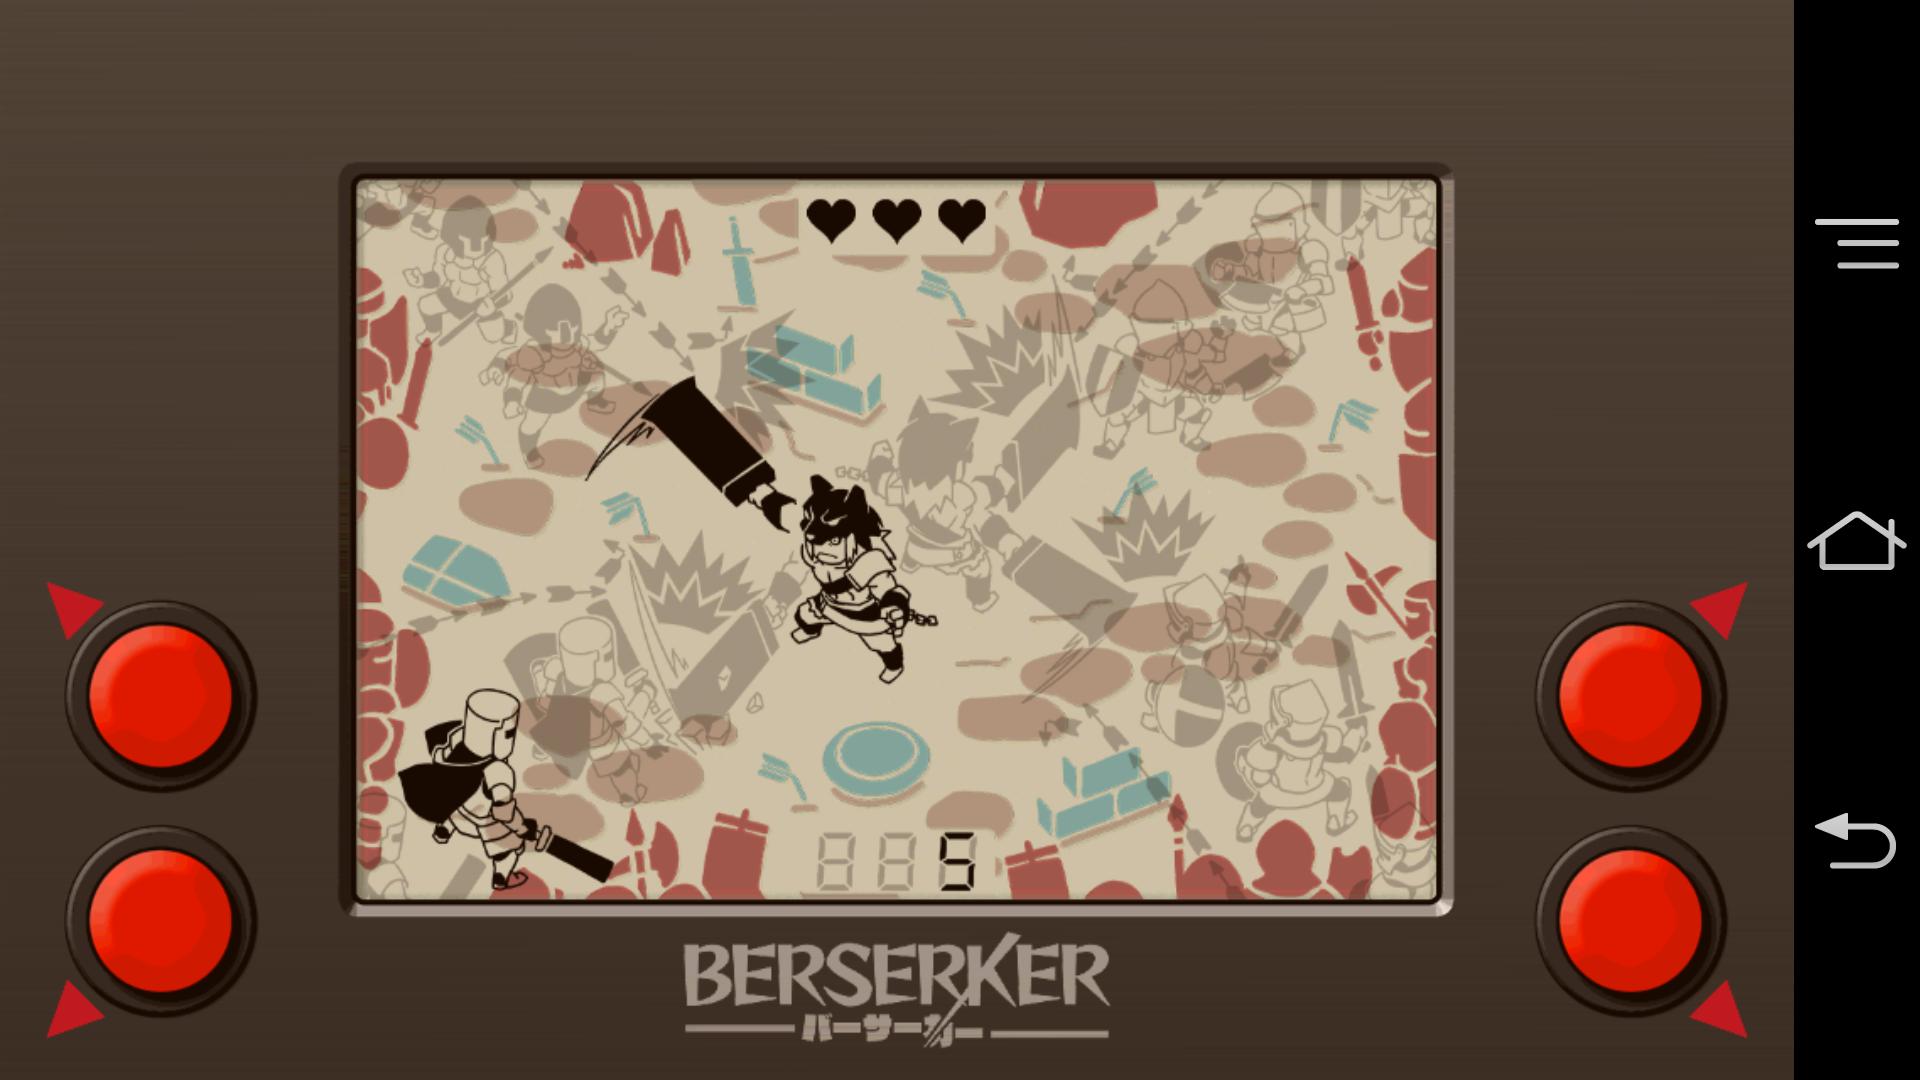 バーサーカー - BERSERKER - androidアプリスクリーンショット1